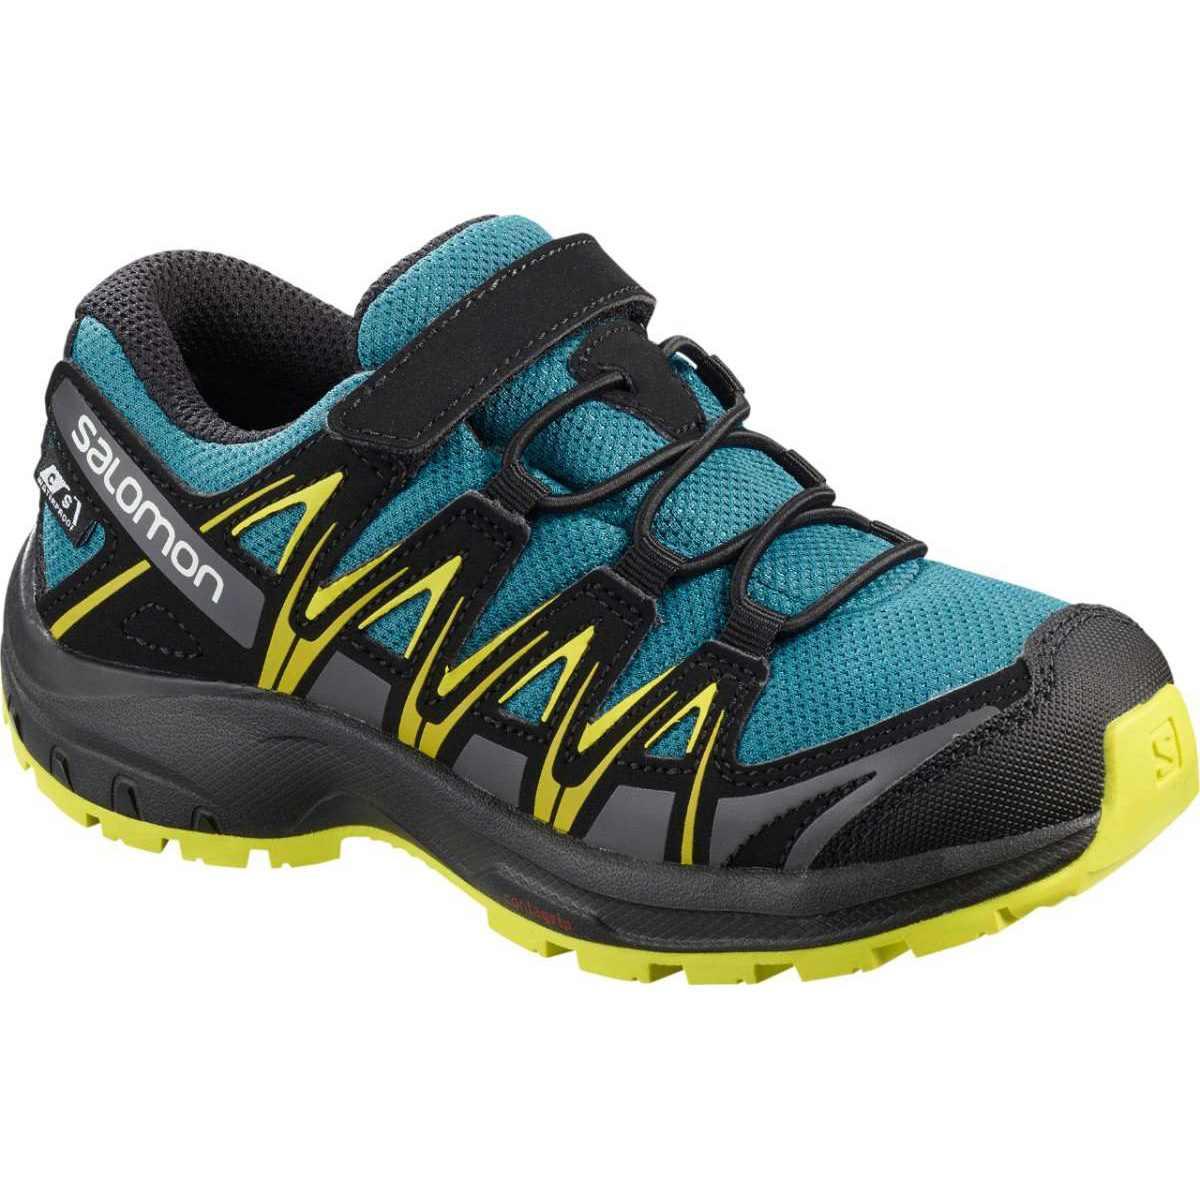 Salomon Pantofi alergare Salomon XA PRO 3D CSWP K - Albastru